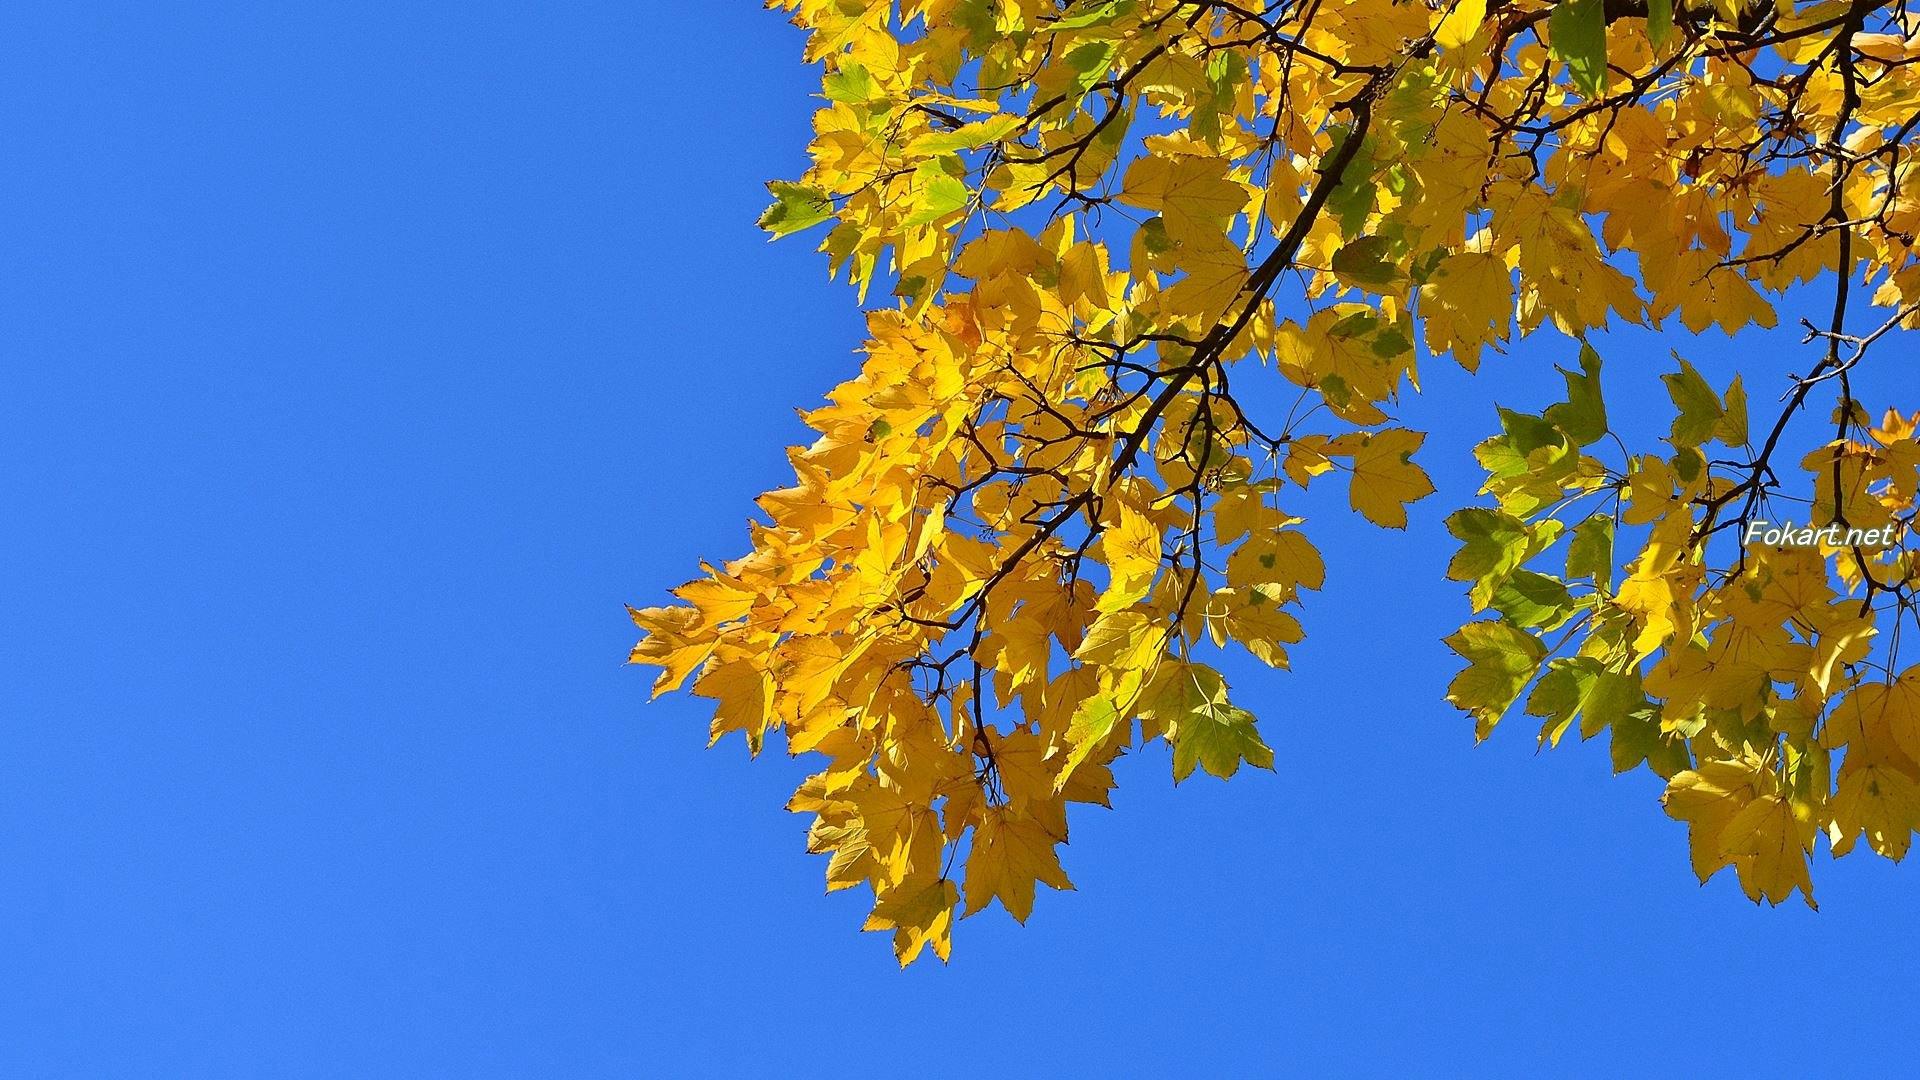 Осенняя кленовая ветка с жёлтыми листьями на фоне синевы неба